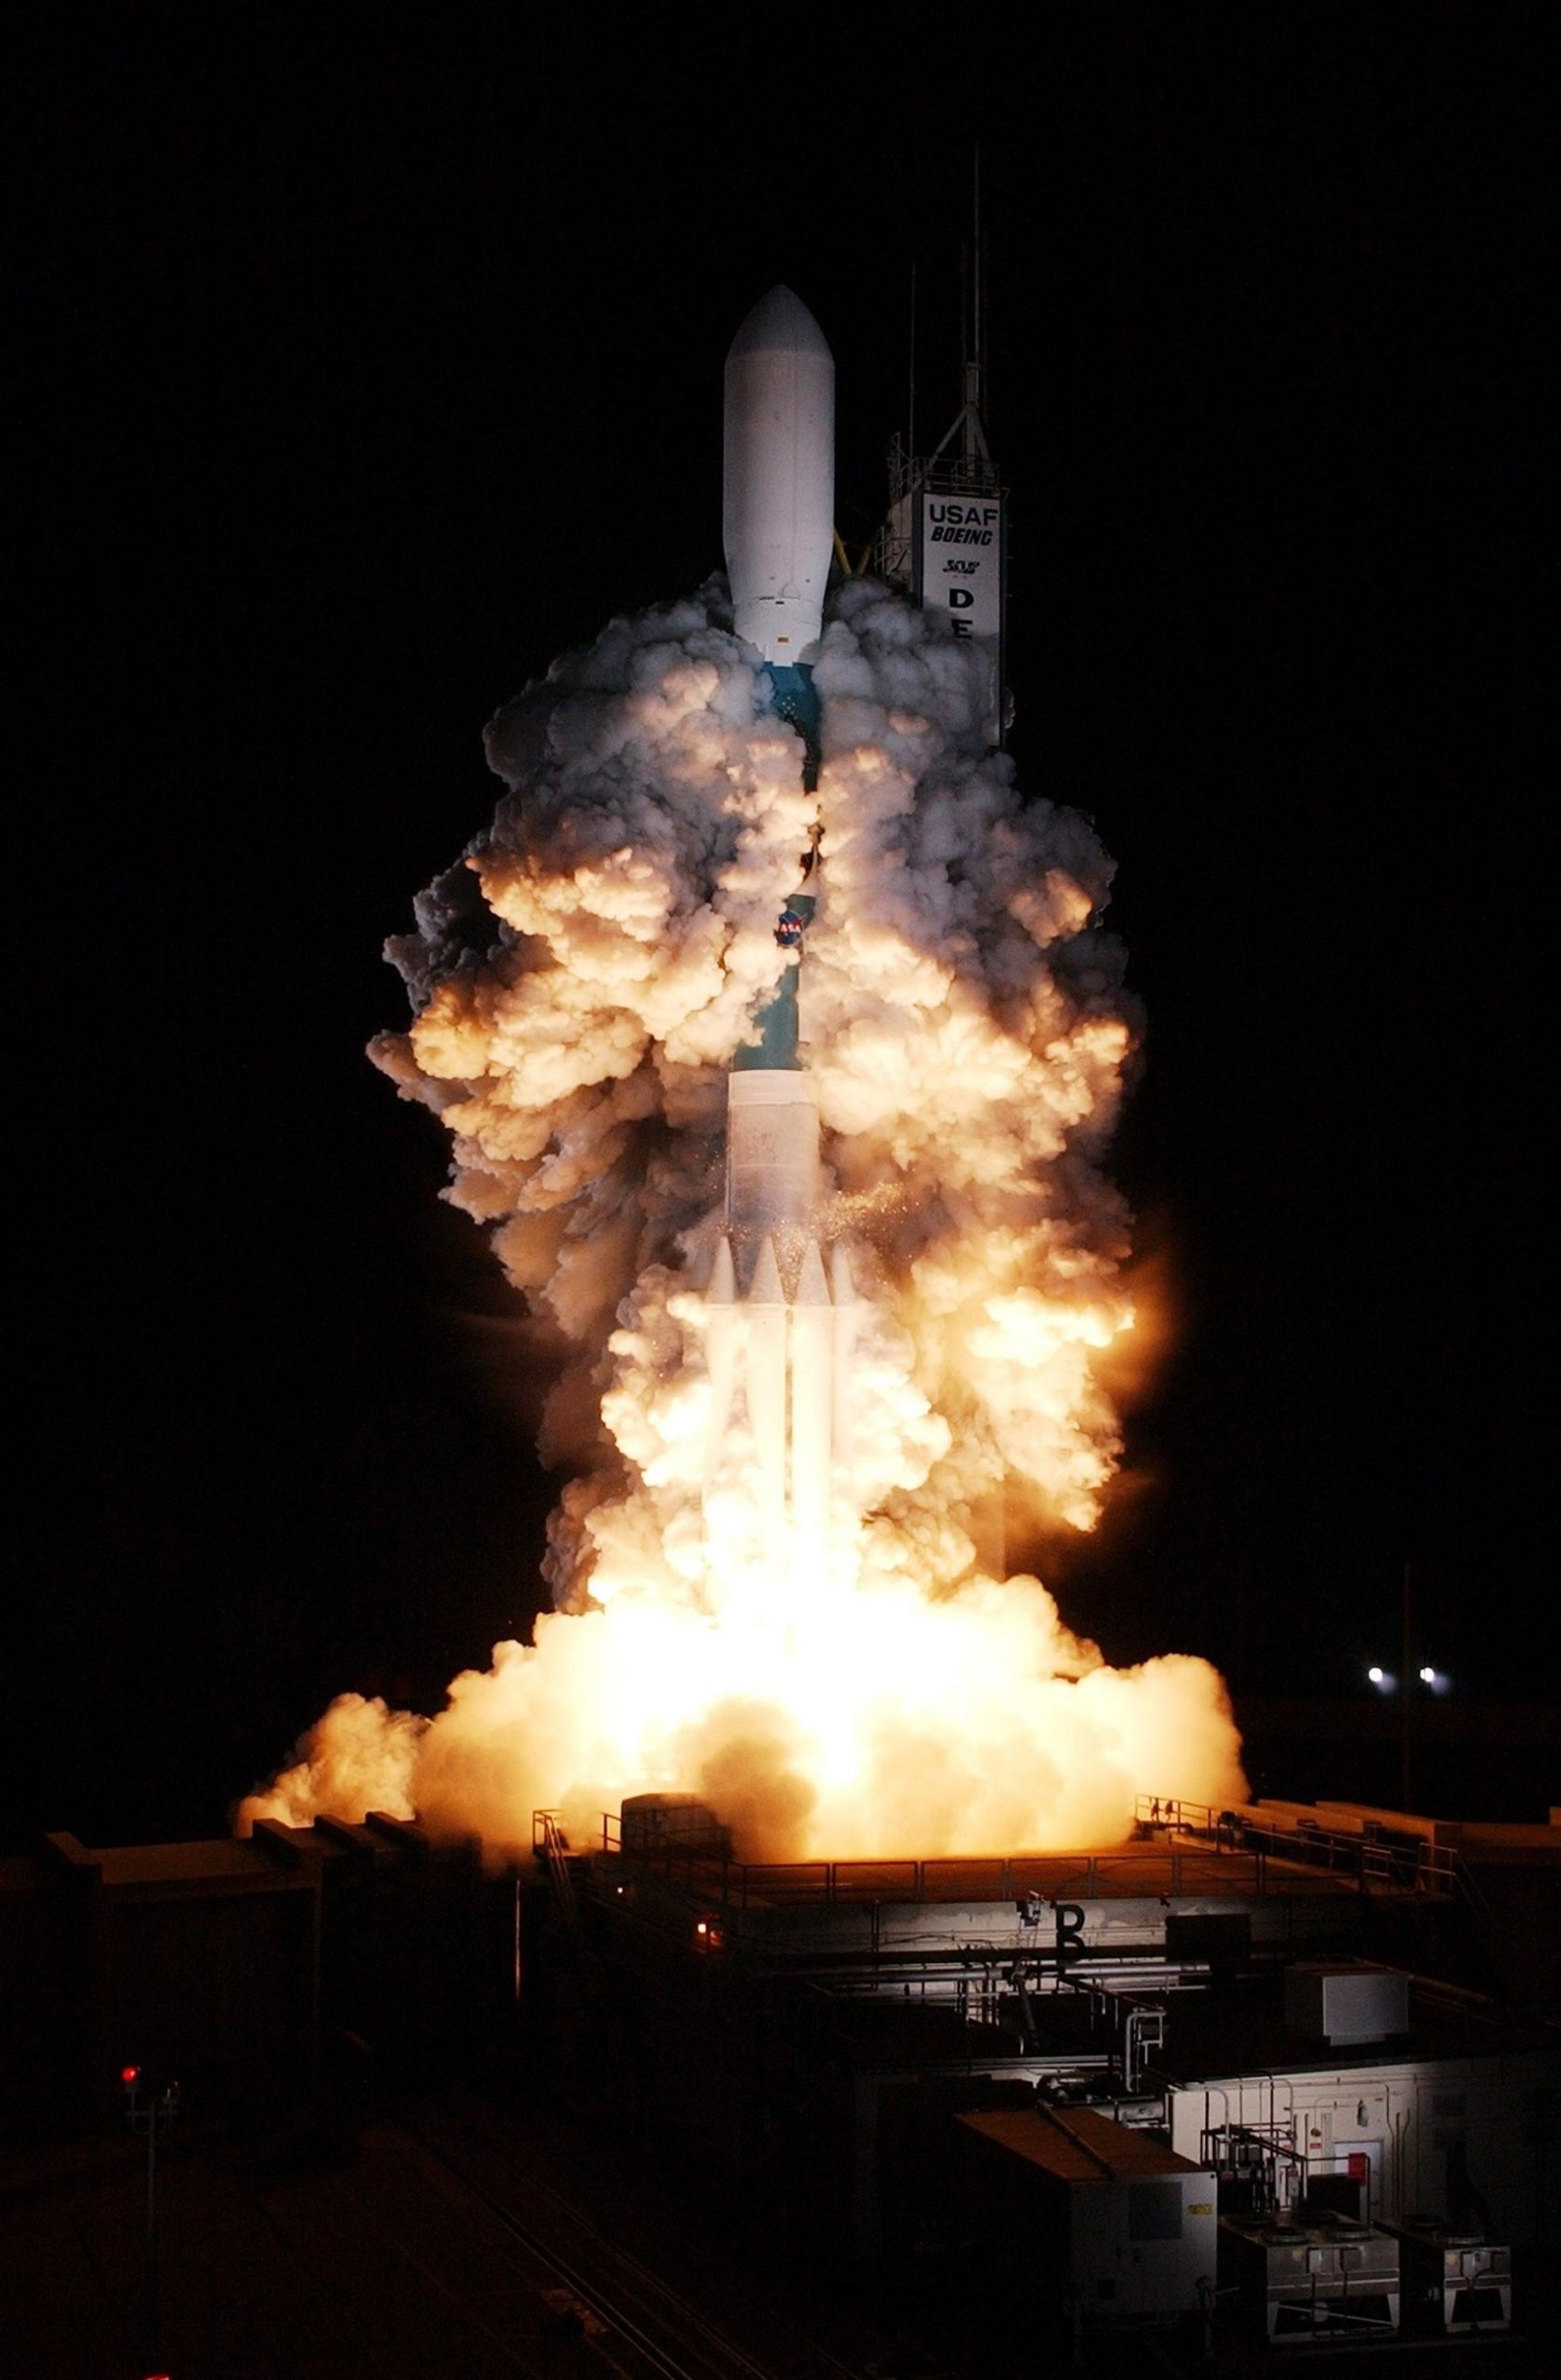 seo-analyse-rakett